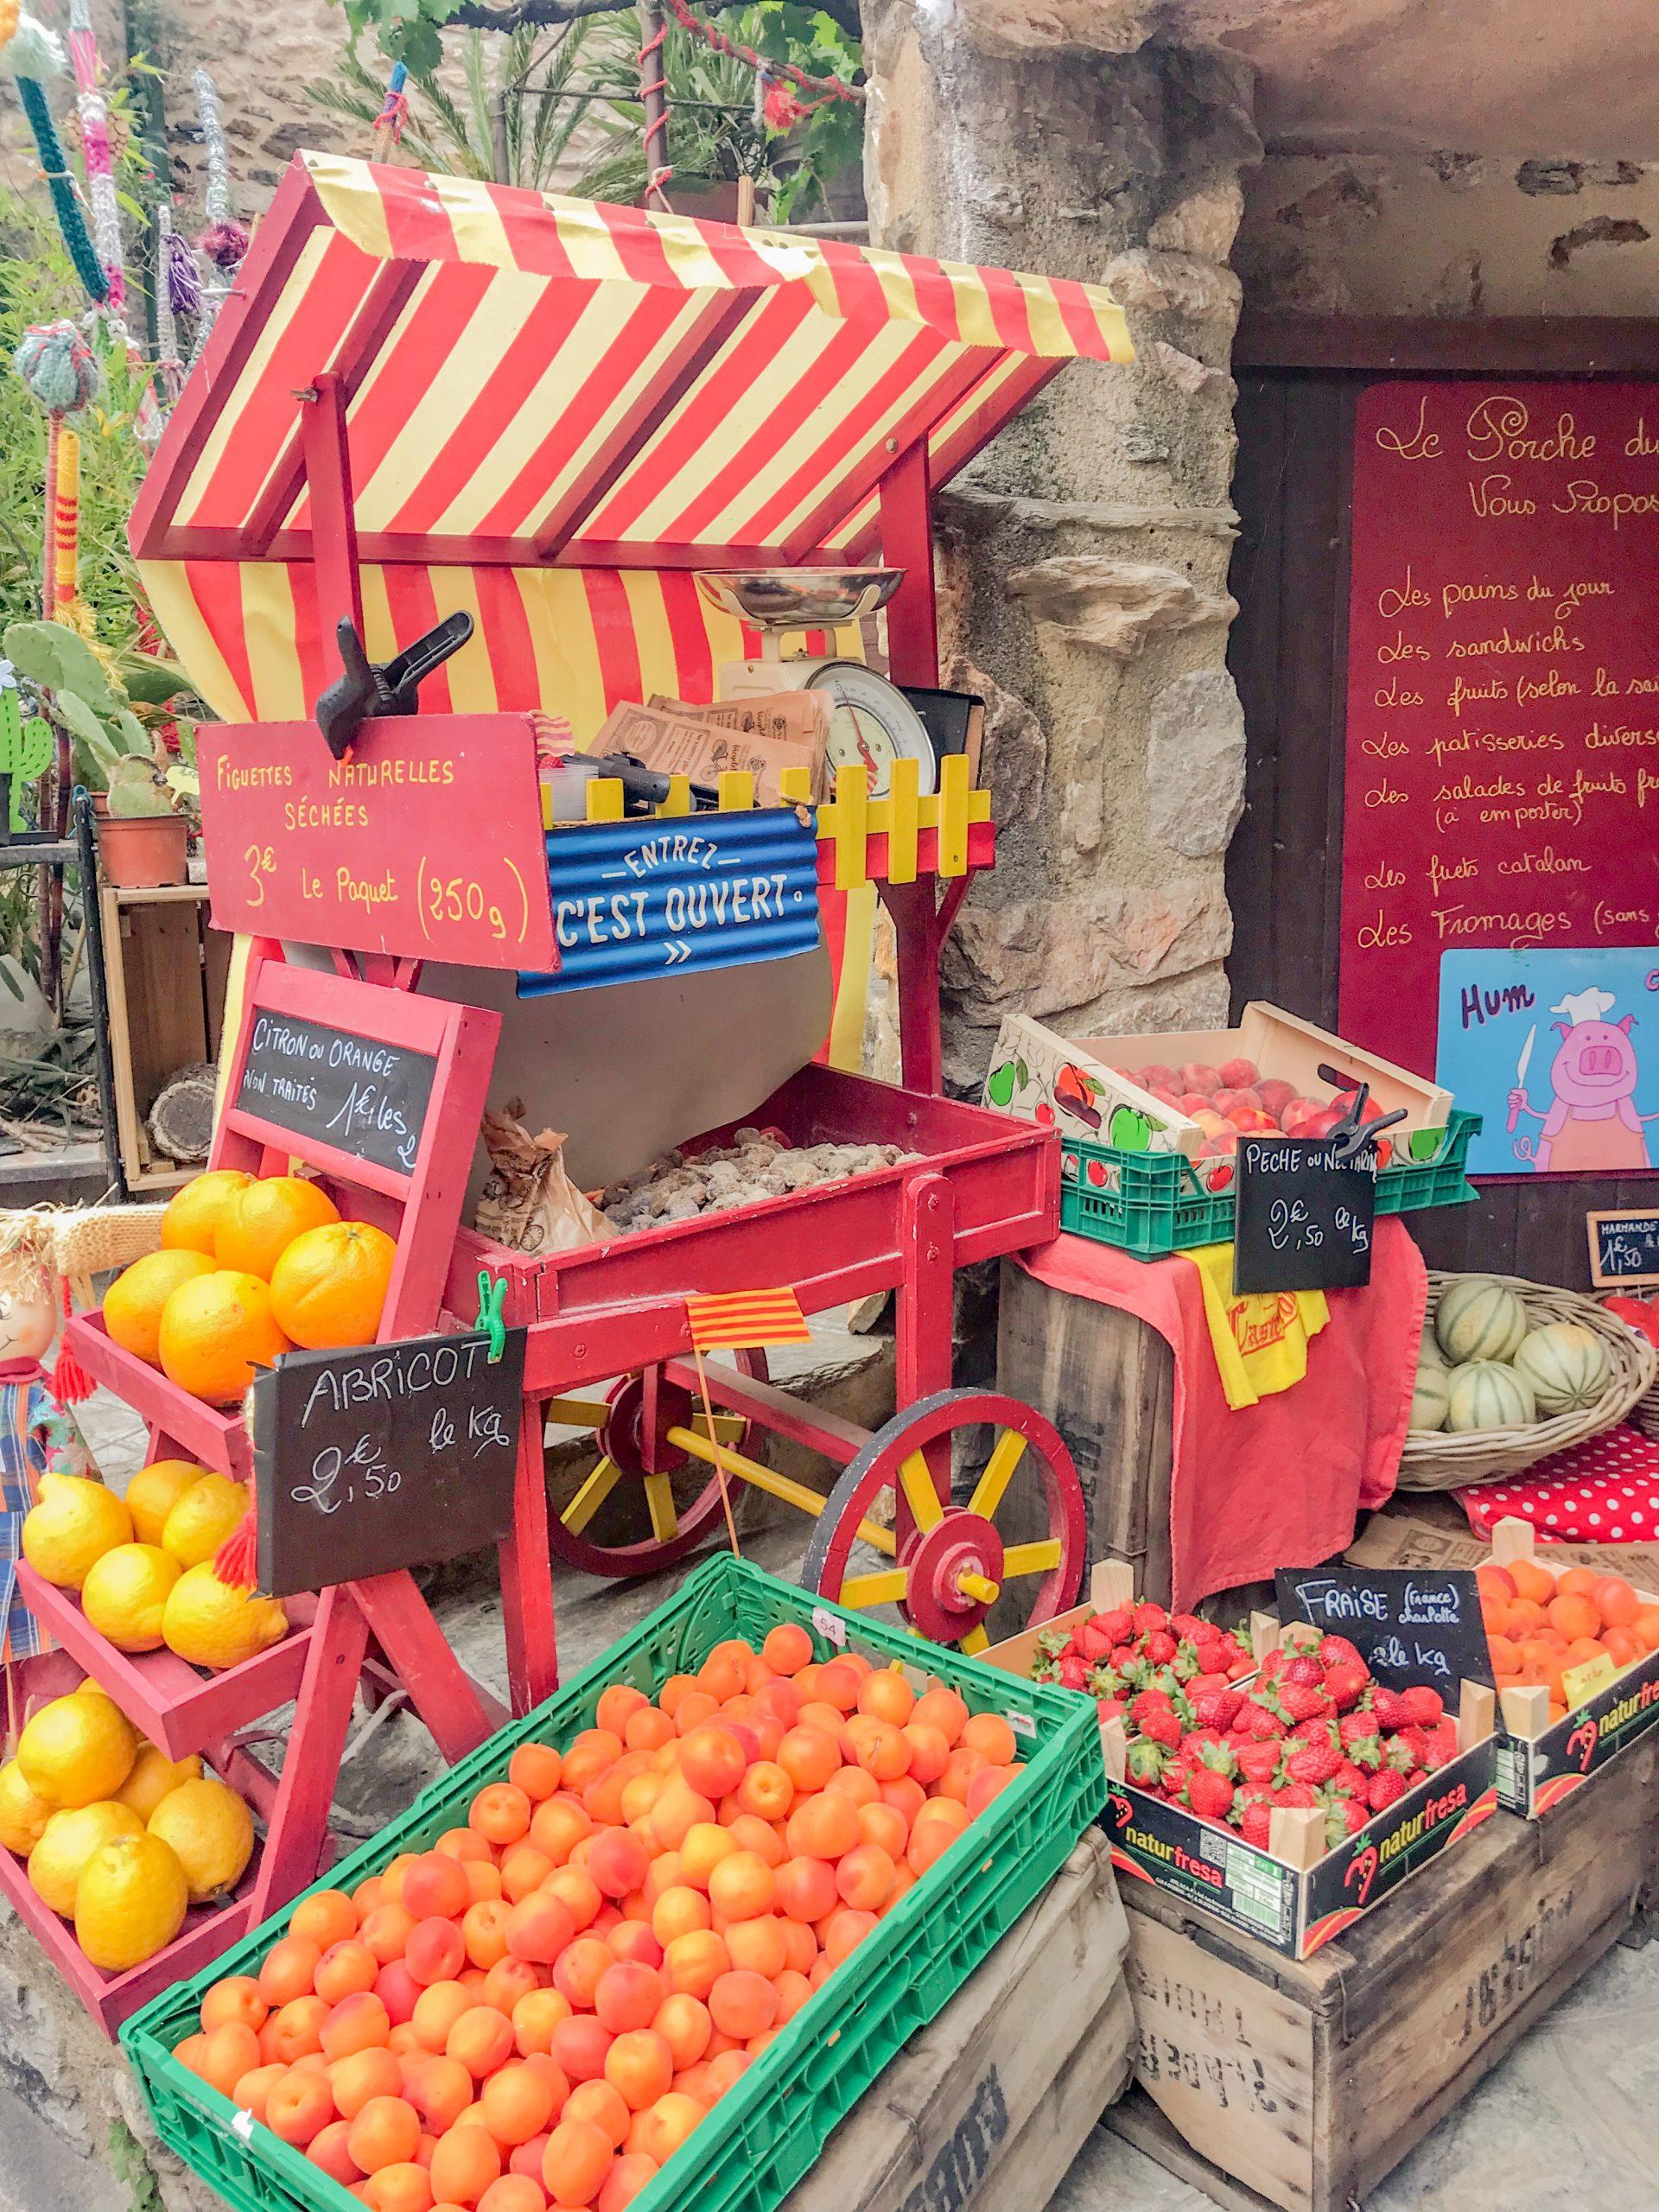 étal de fruits et légumes à Castelnou